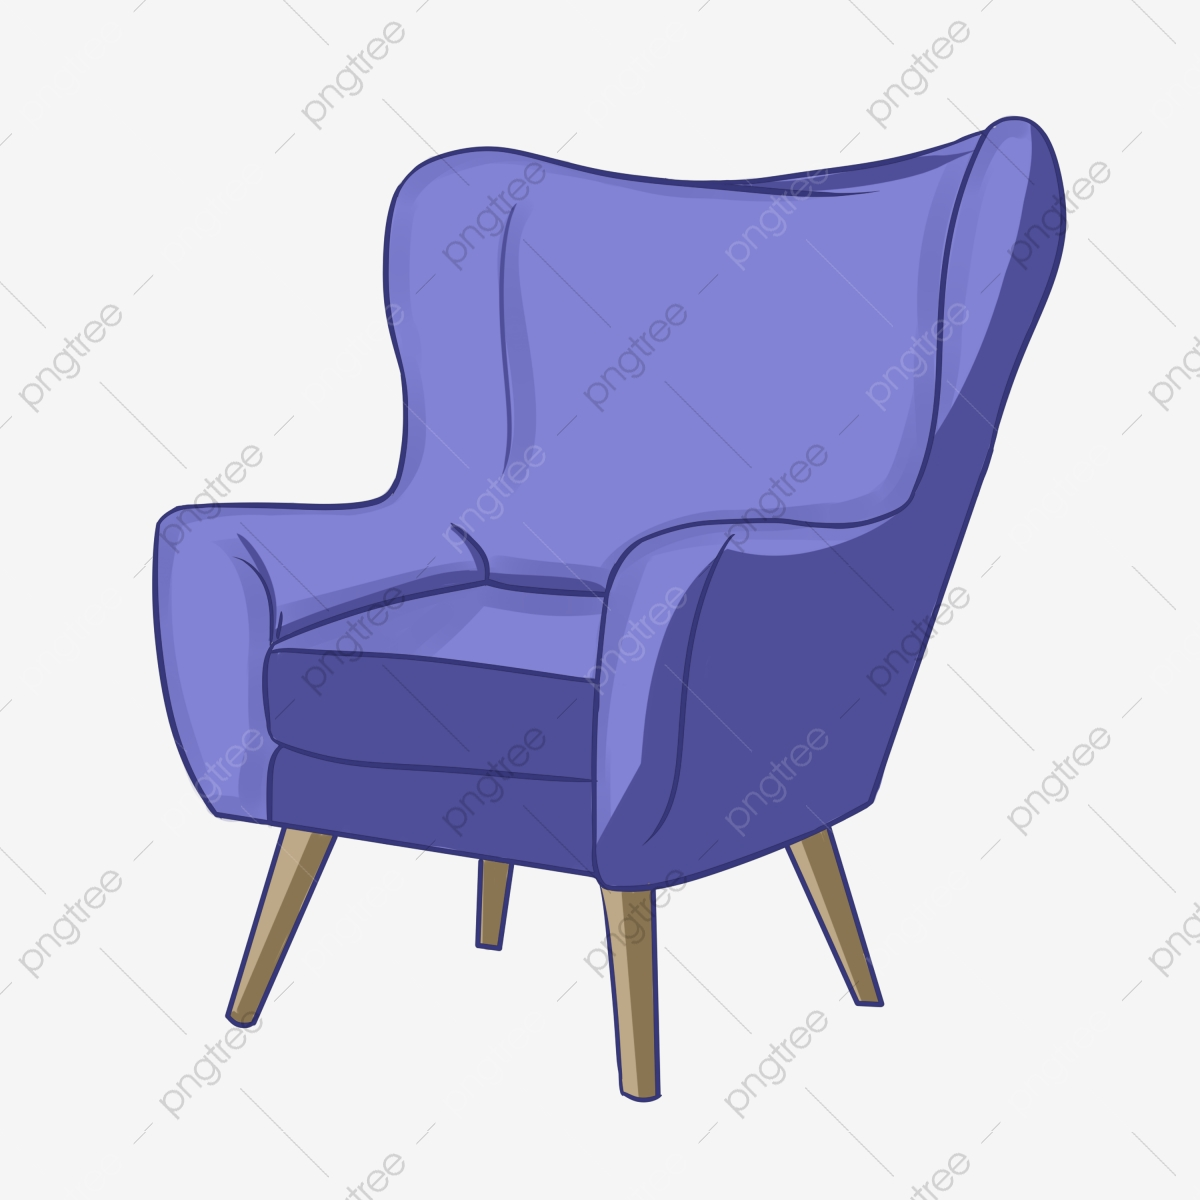 Sofa Chair Cartoon Furniture, Furniture, Chair, Sofa PNG